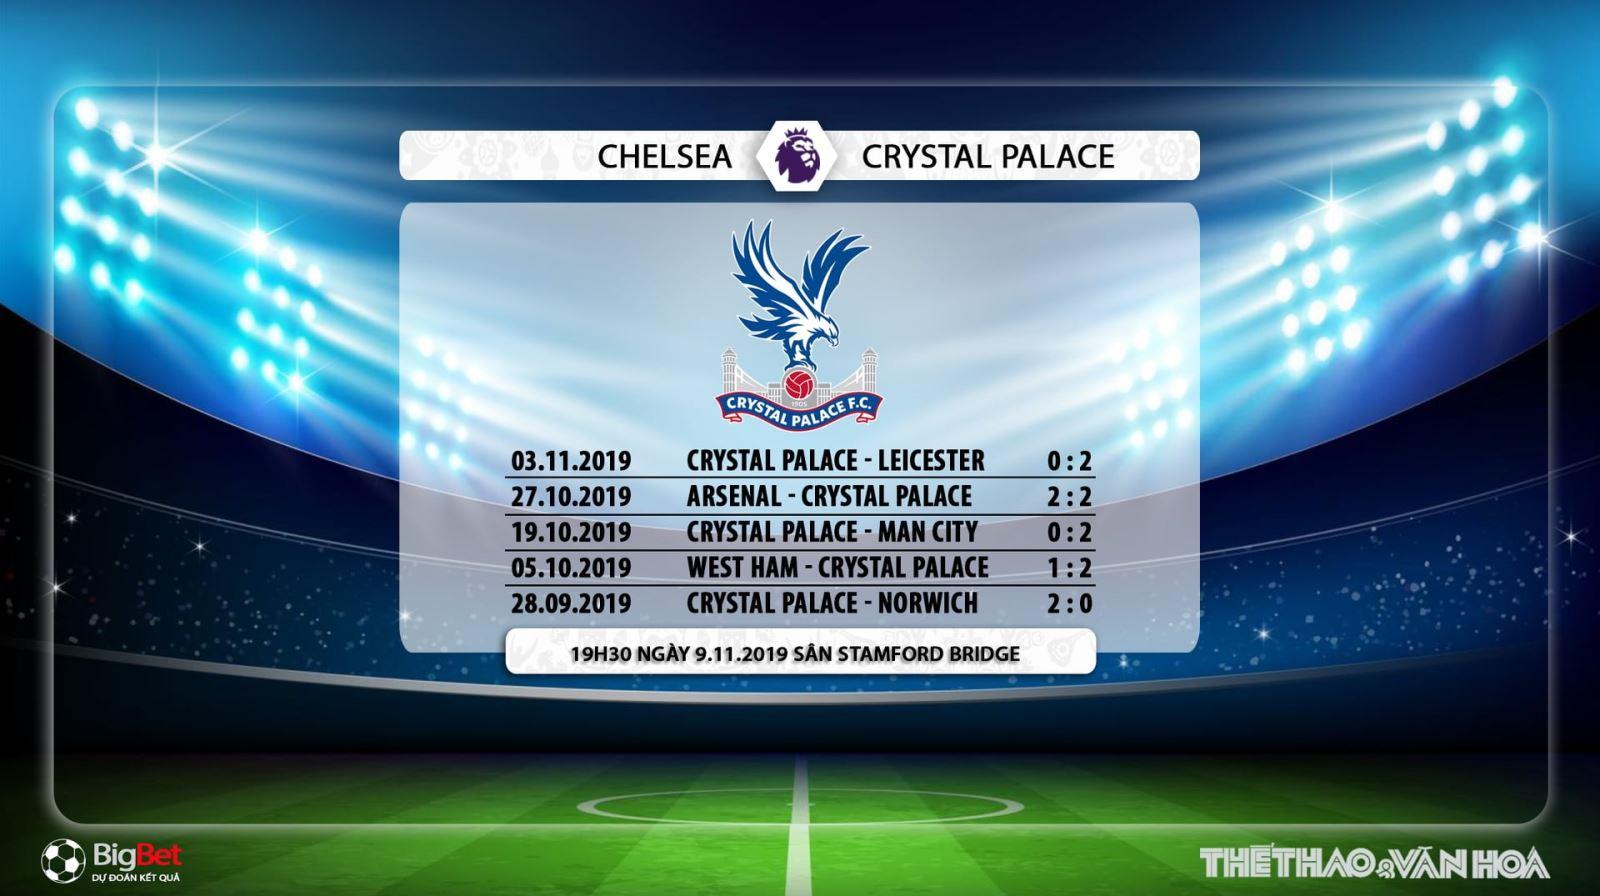 soi kèo Chelsea vs Crystal Palace, truc tiep bong da hom nay, Chelsea đấu với Crystal Palace, xem bóng đá trực tiếp,Premier League, Ngoại hạng Anh, K+, K+PM, K+PC, K+1, K+NS, xem bong da truc tuyen, Chelsea